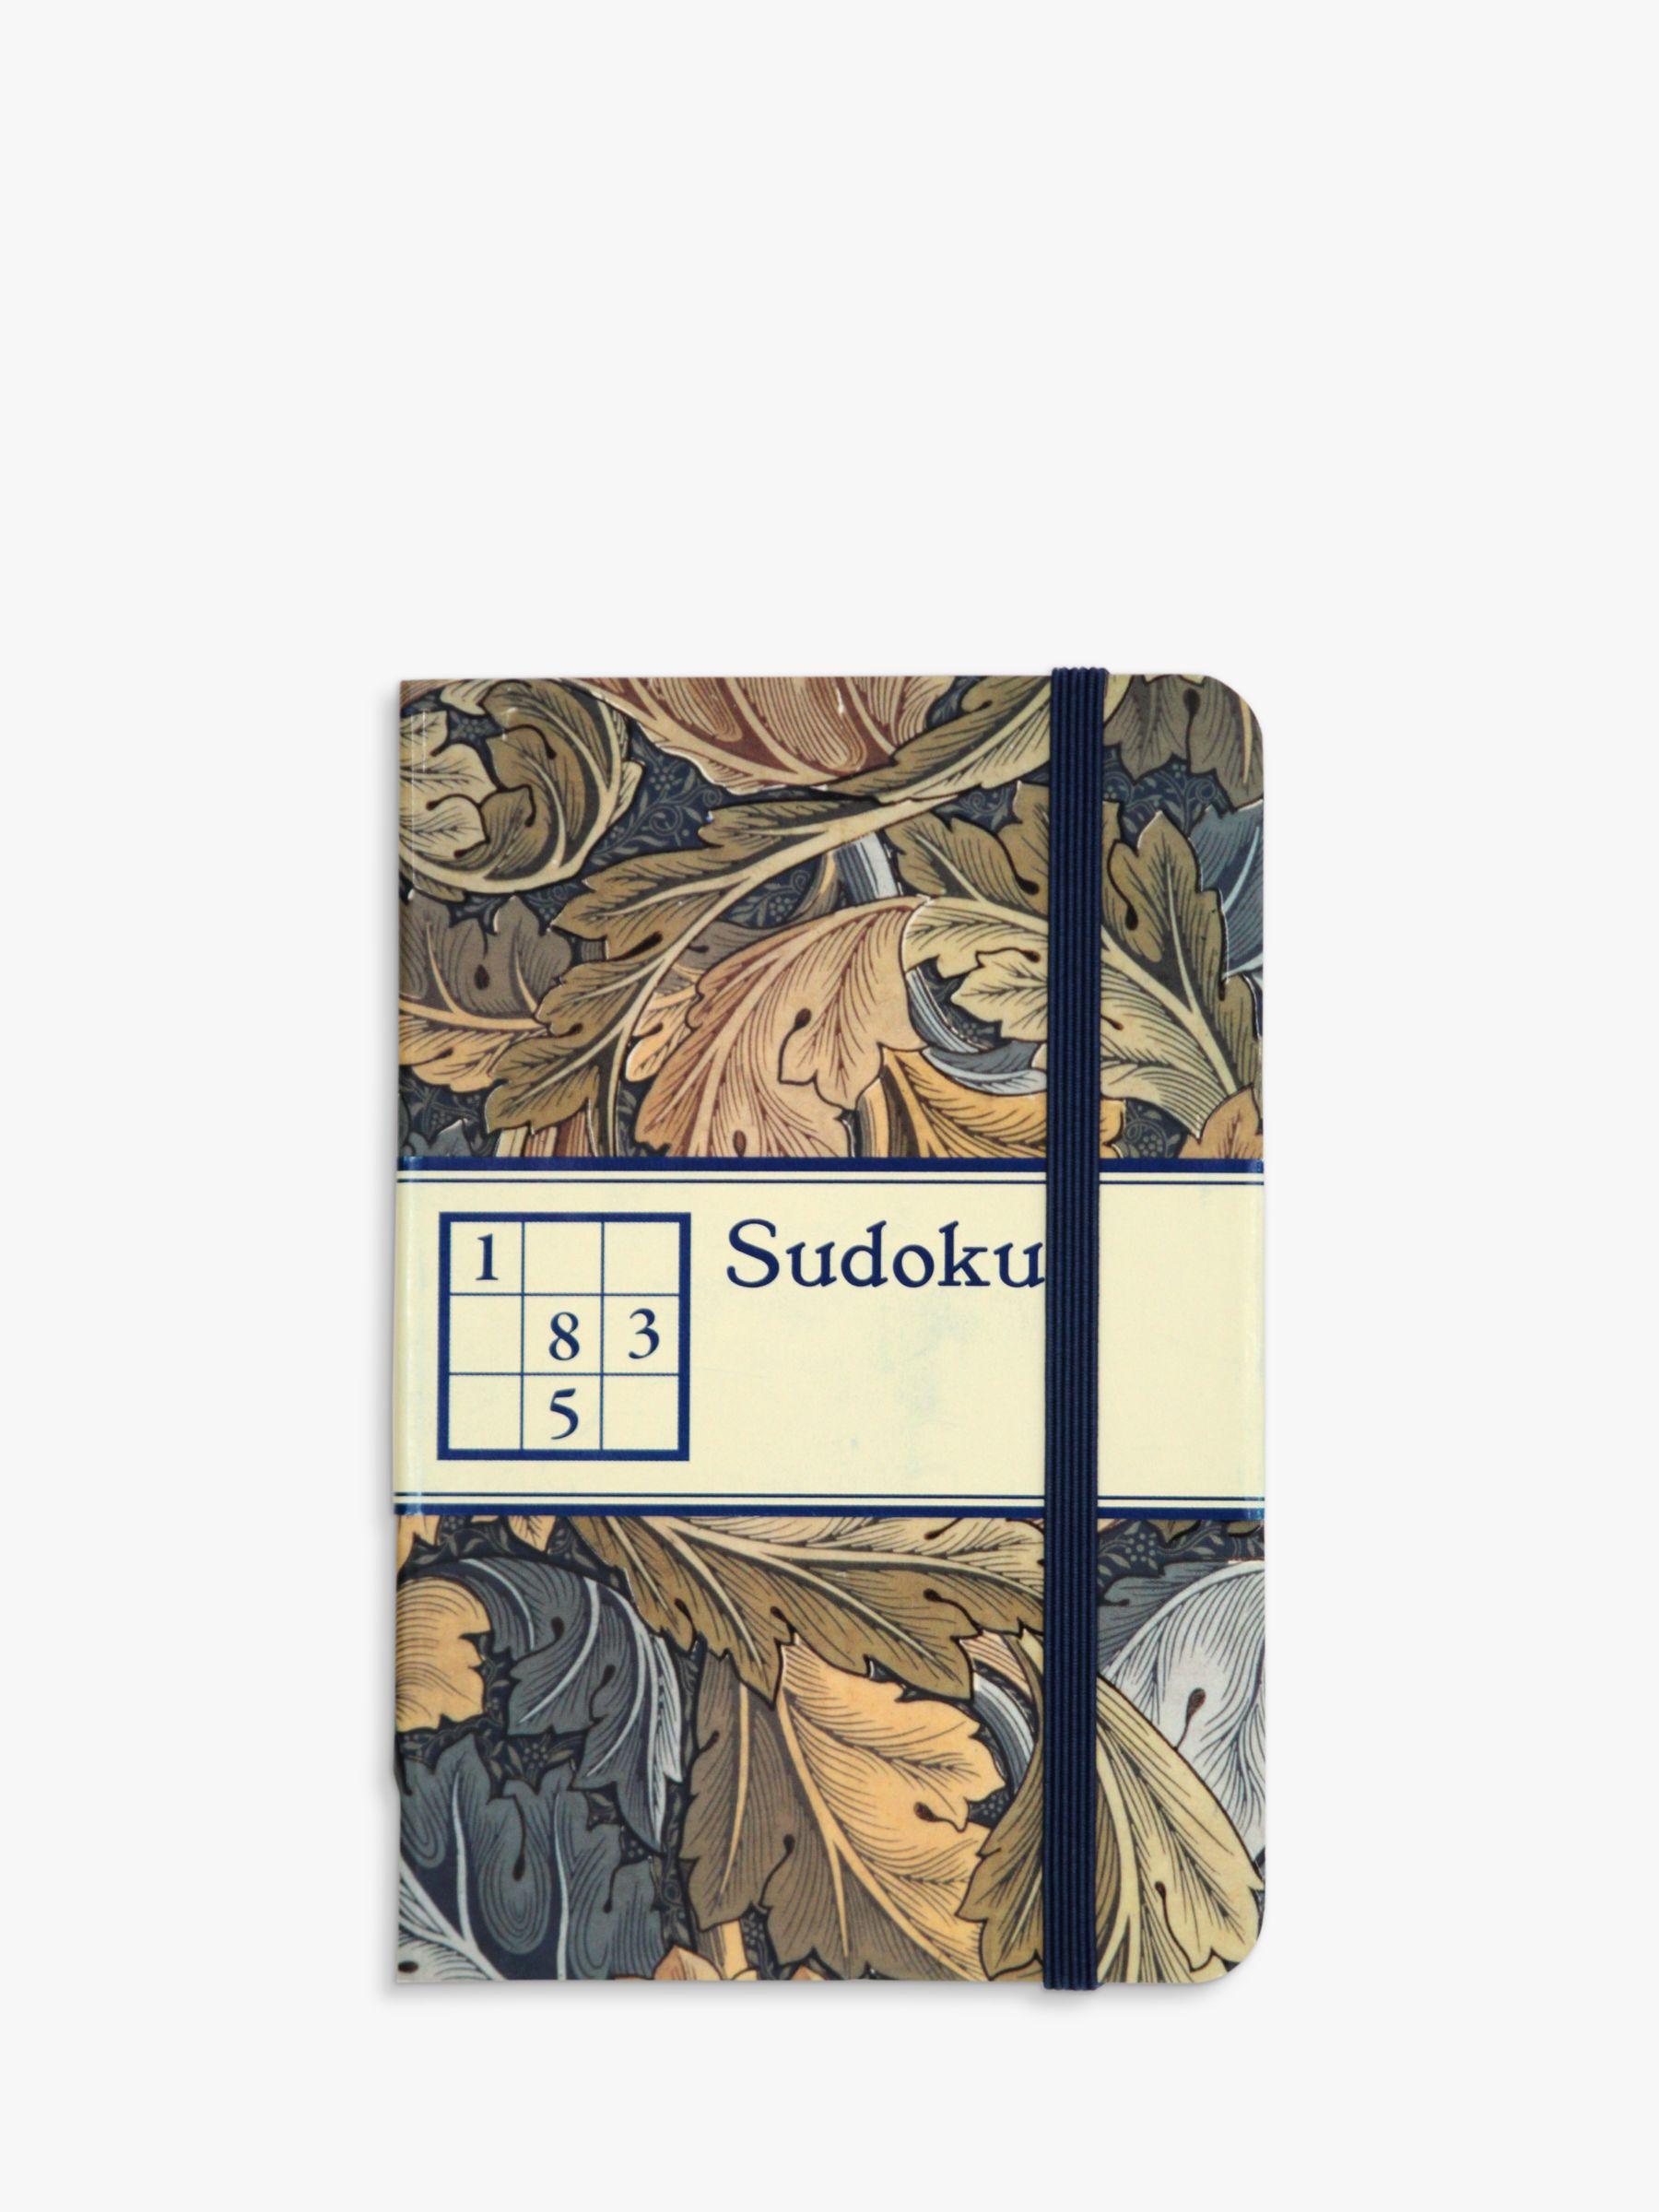 V&A V&A William Morris Print Acanthus Suduko Book